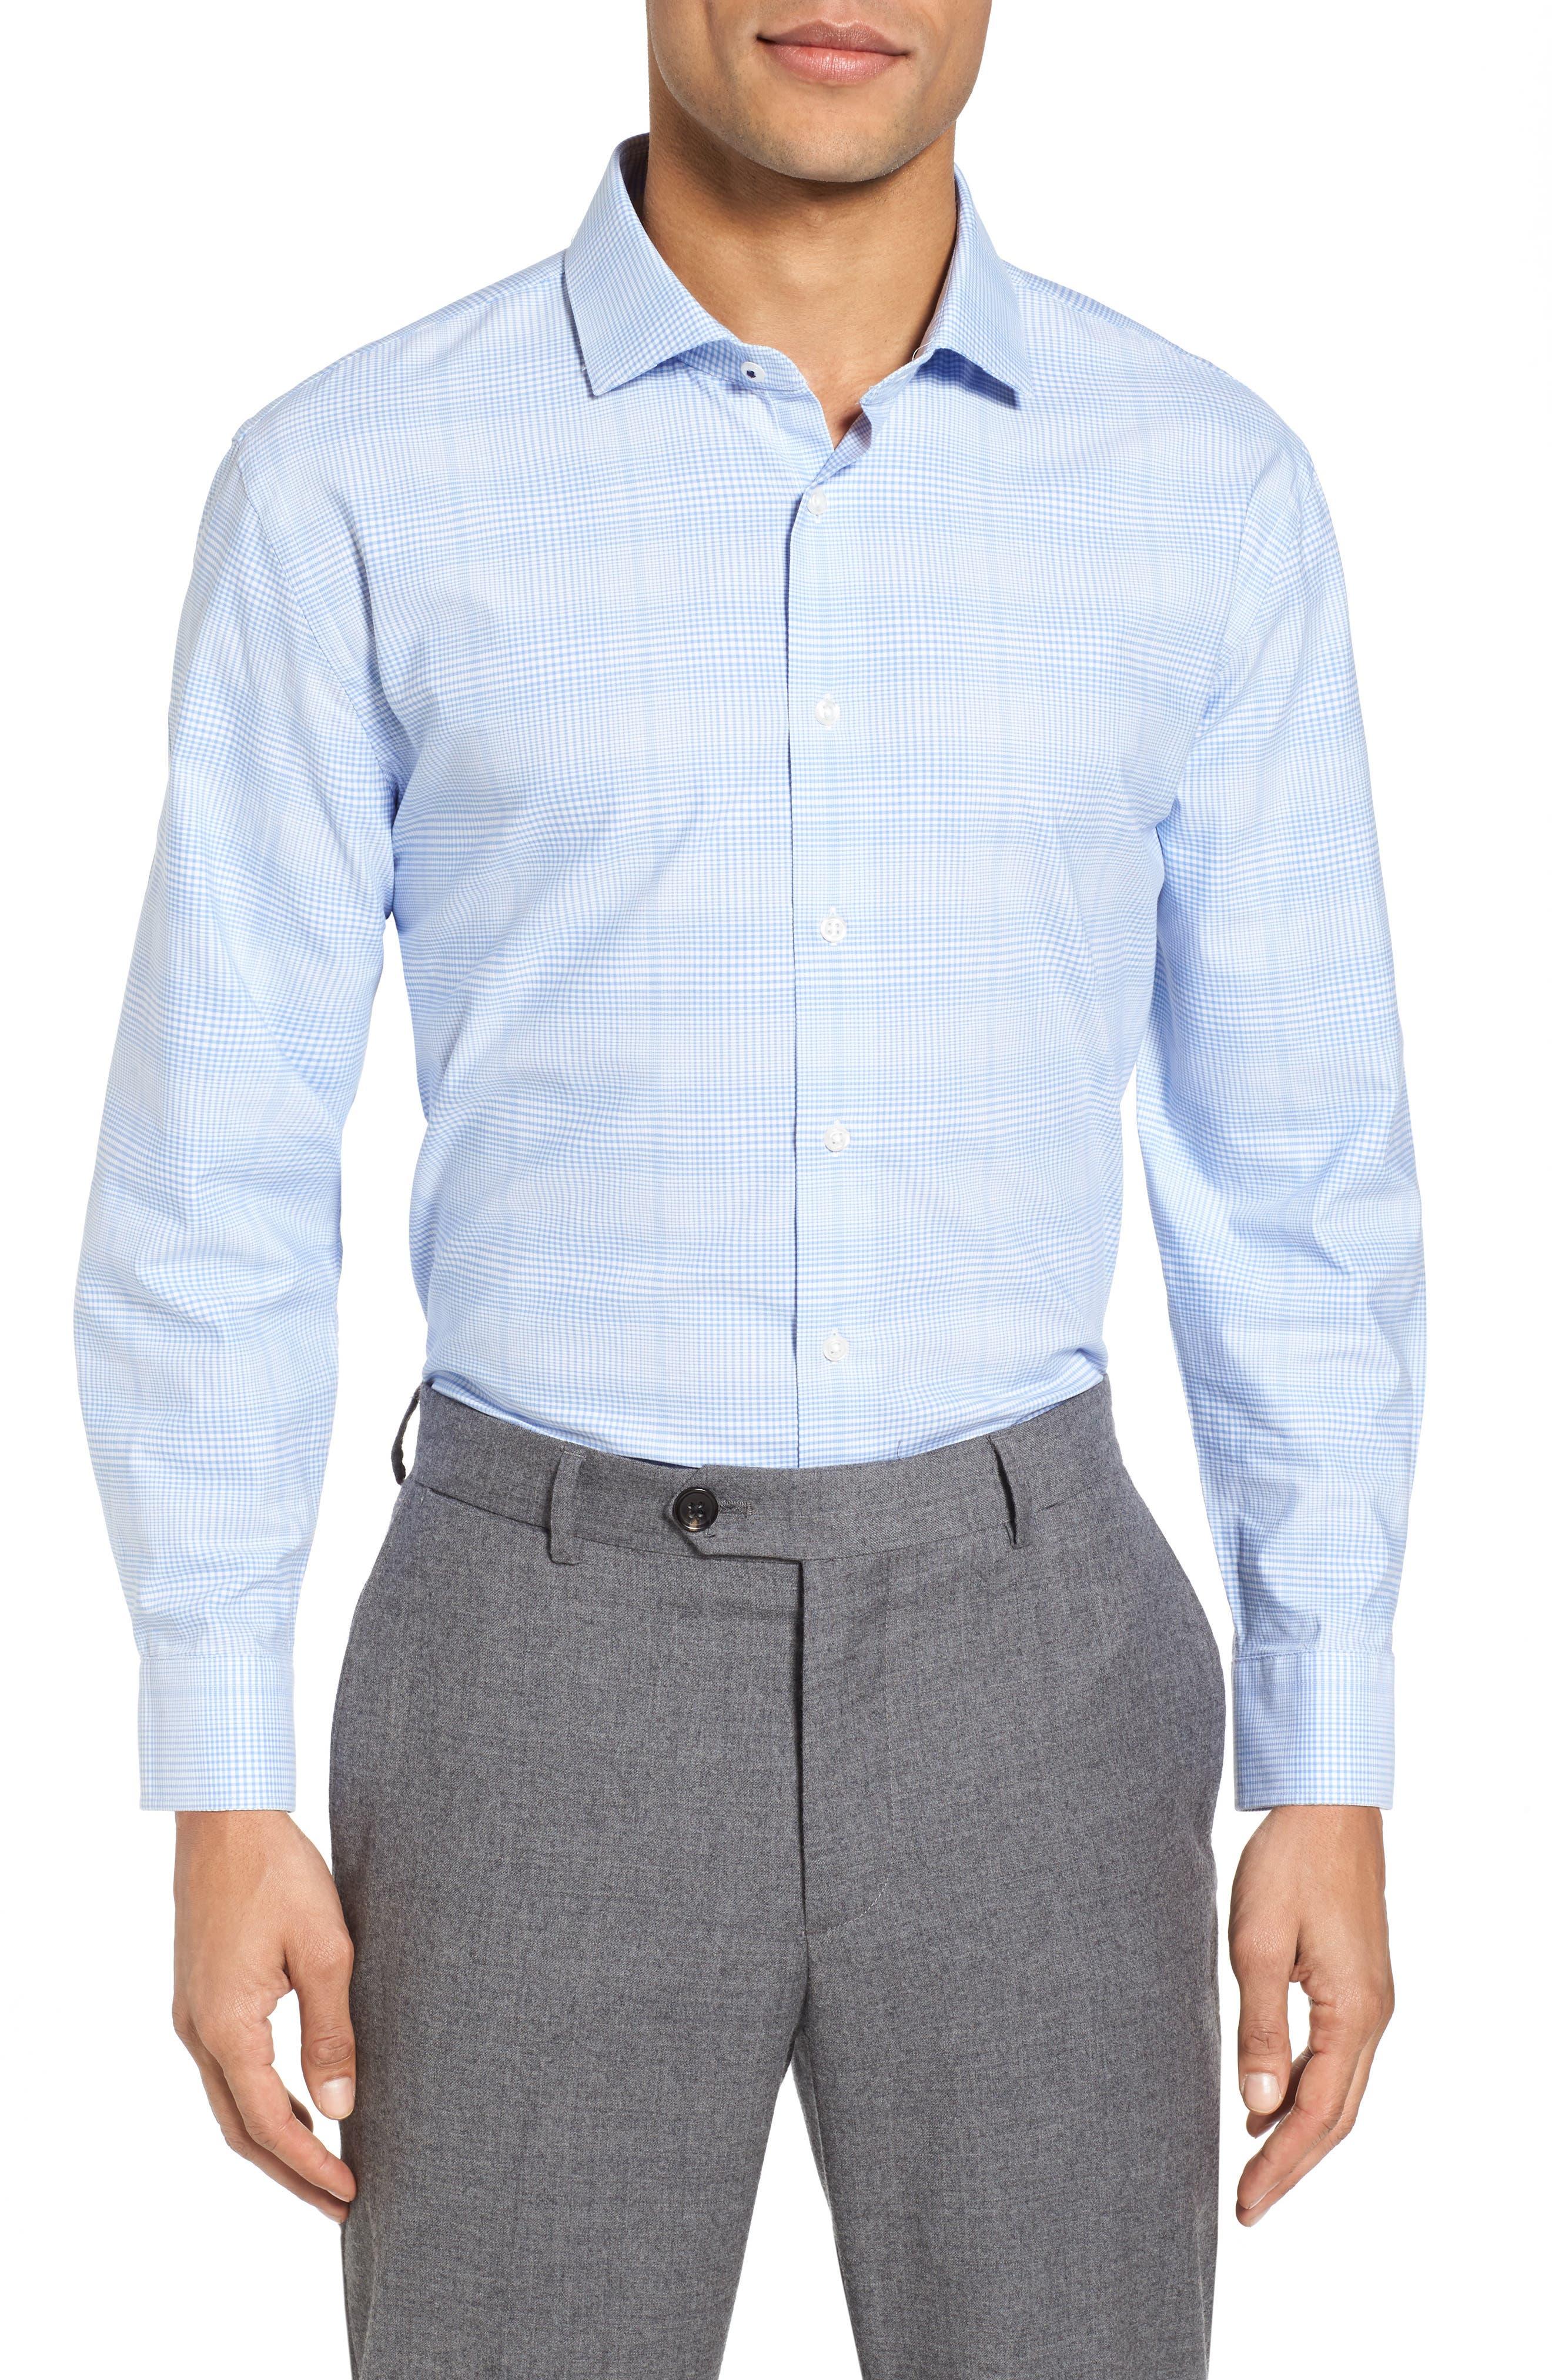 Tech-Smart Trim Fit Stretch Plaid Dress Shirt,                             Main thumbnail 1, color,                             450